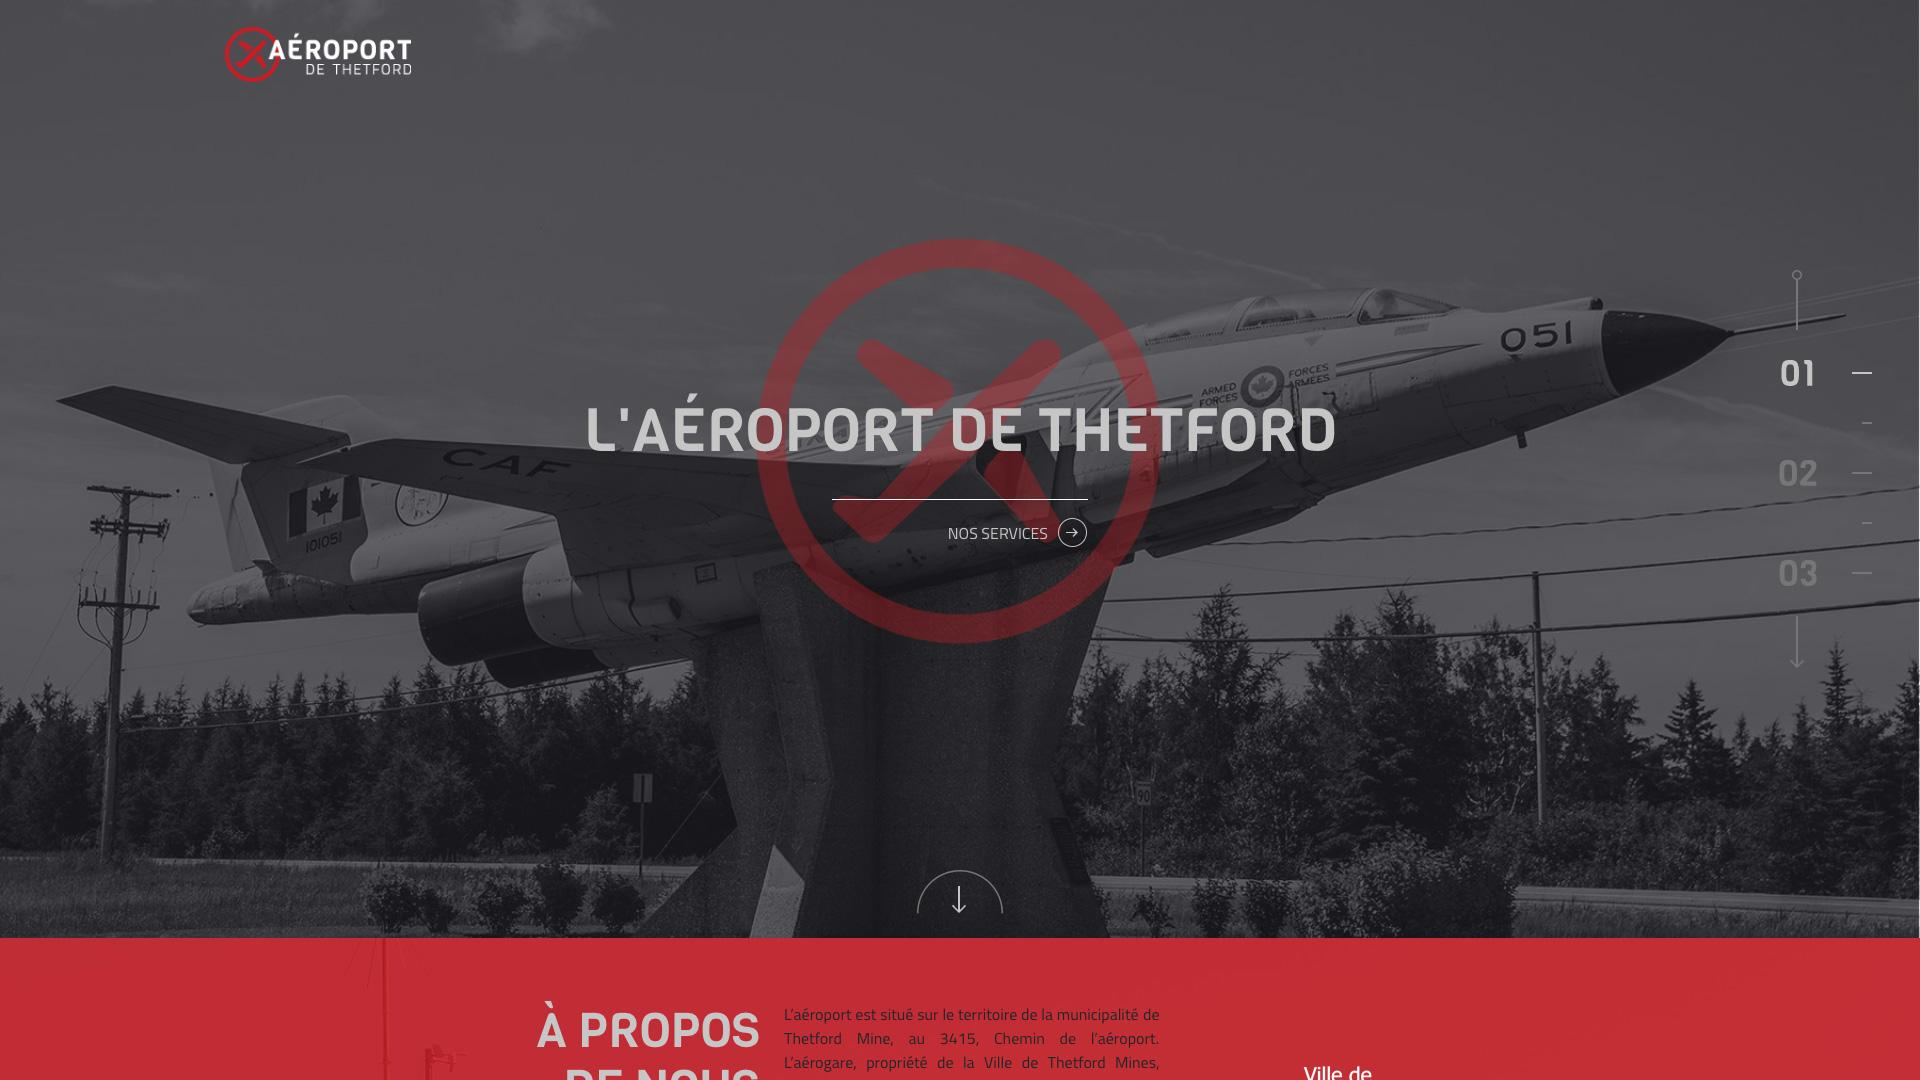 L'aéroport de Thetford